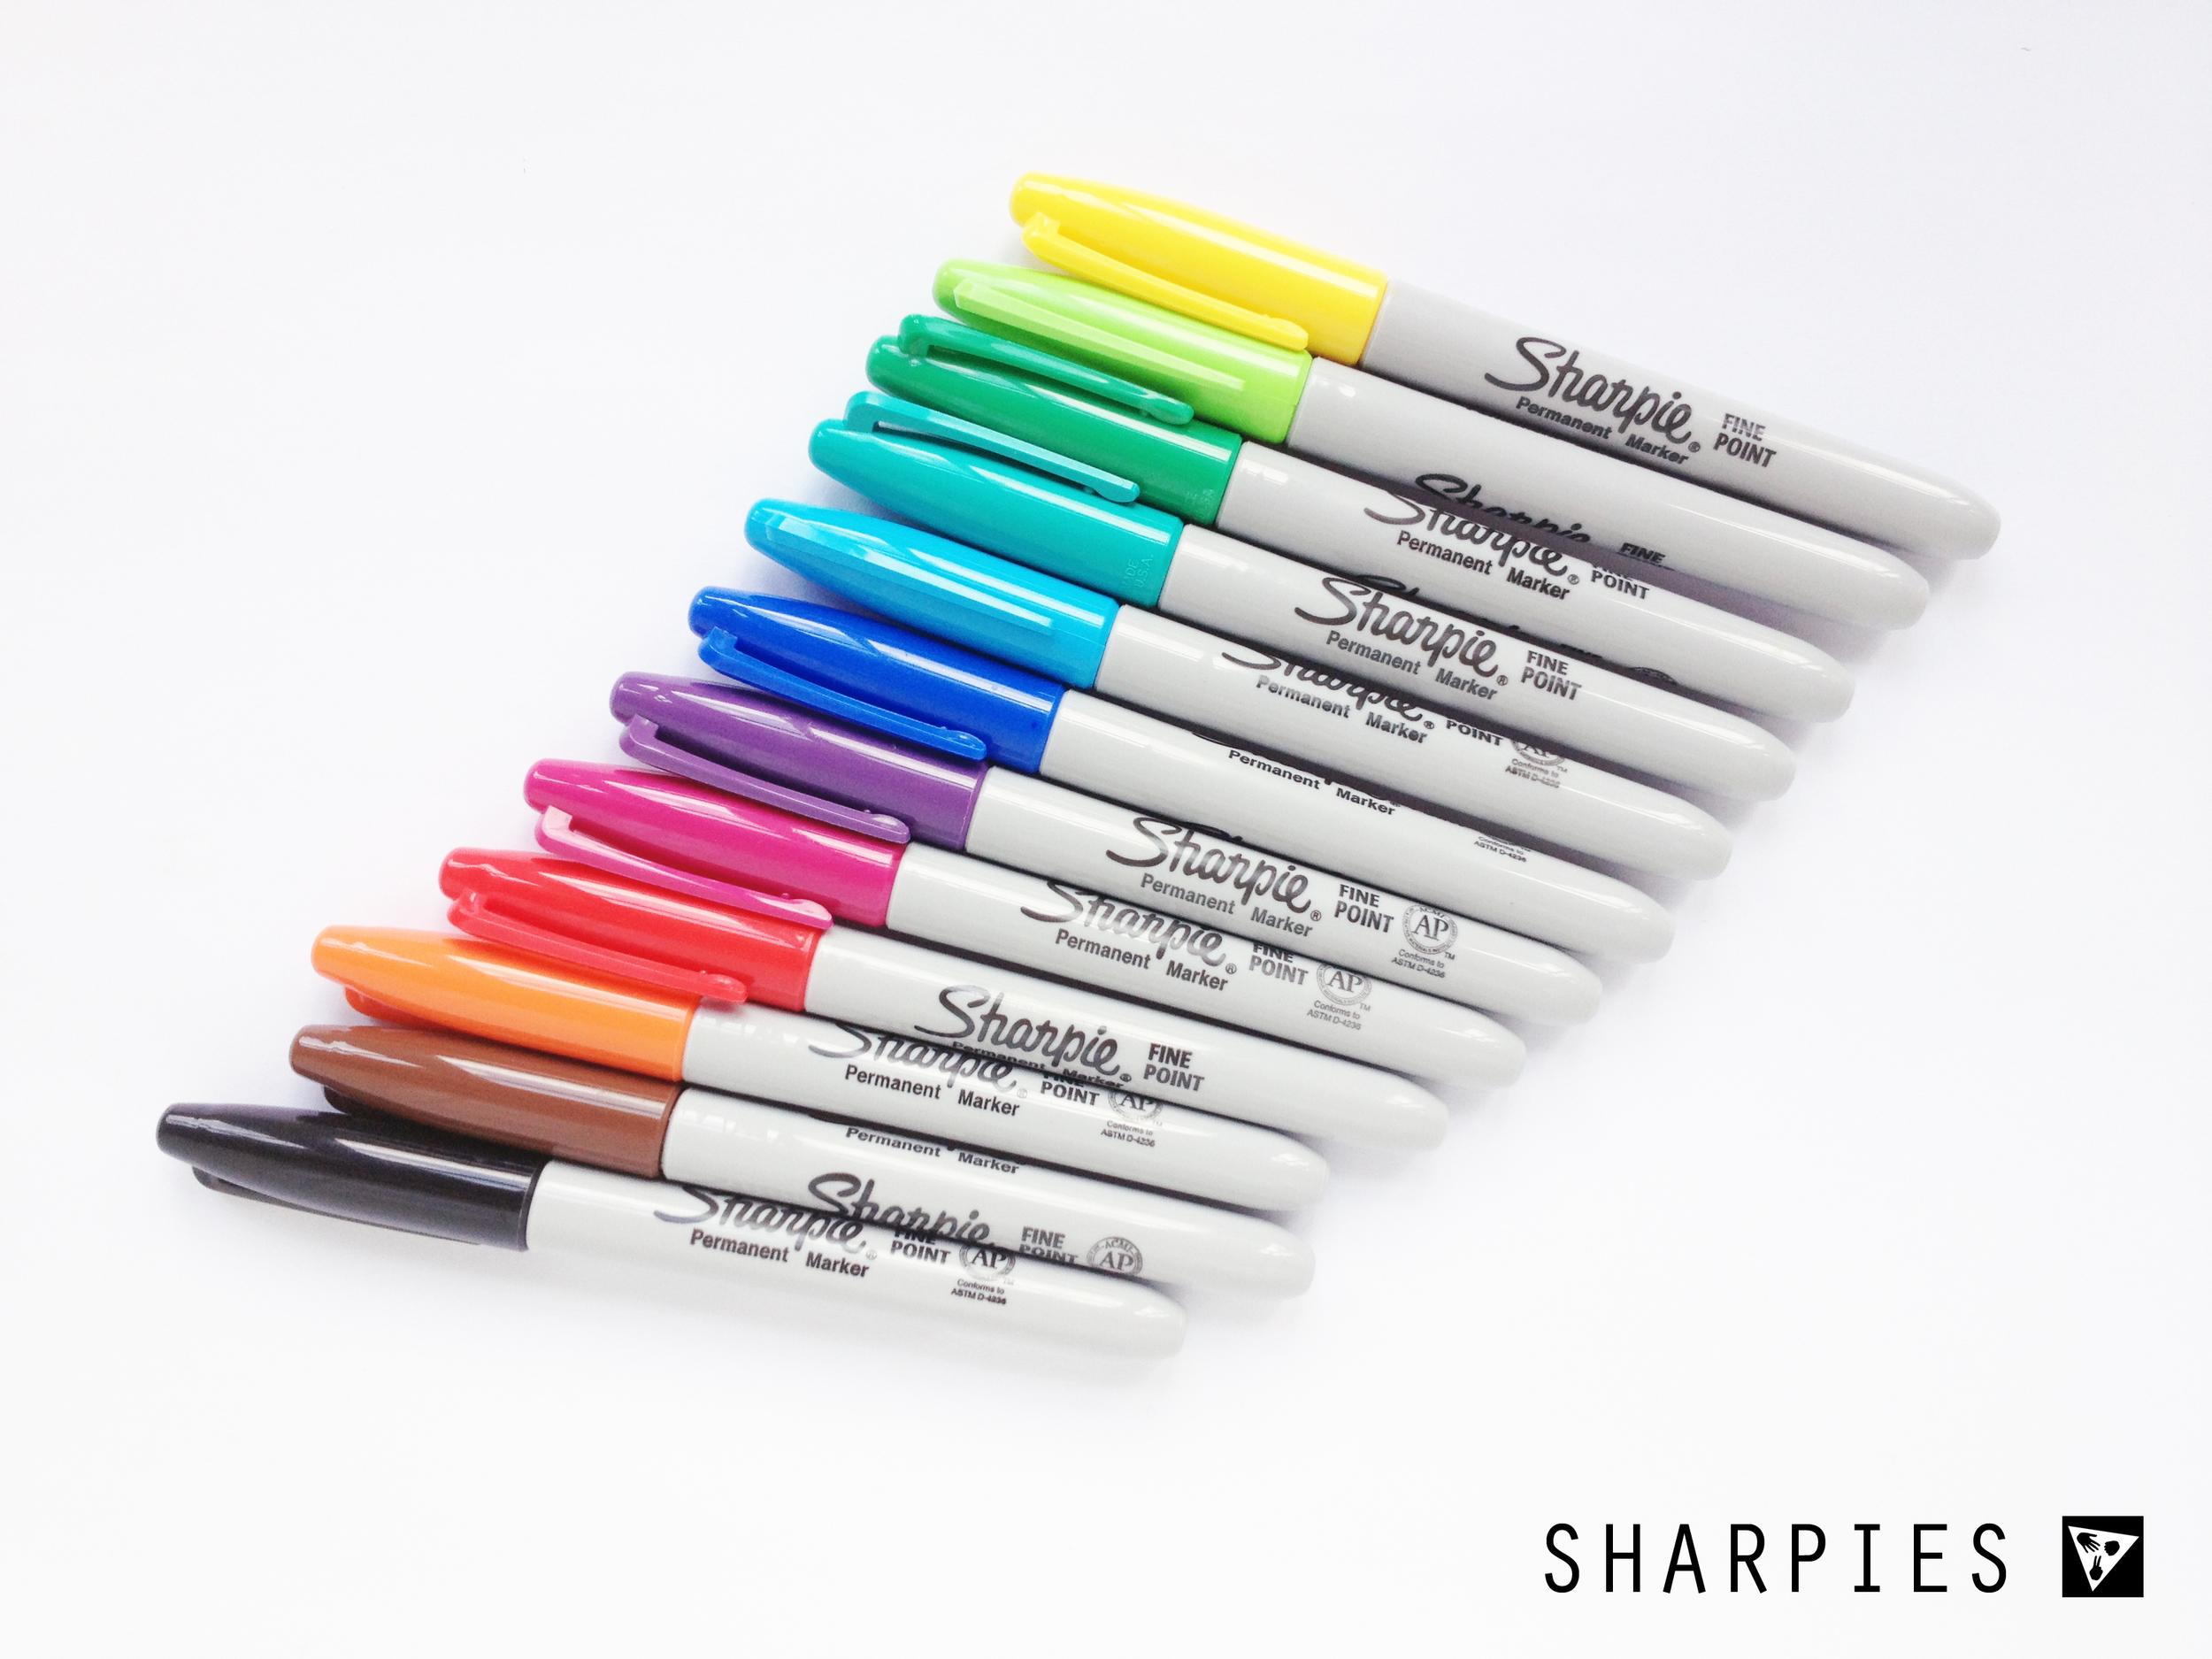 sharpies.jpg